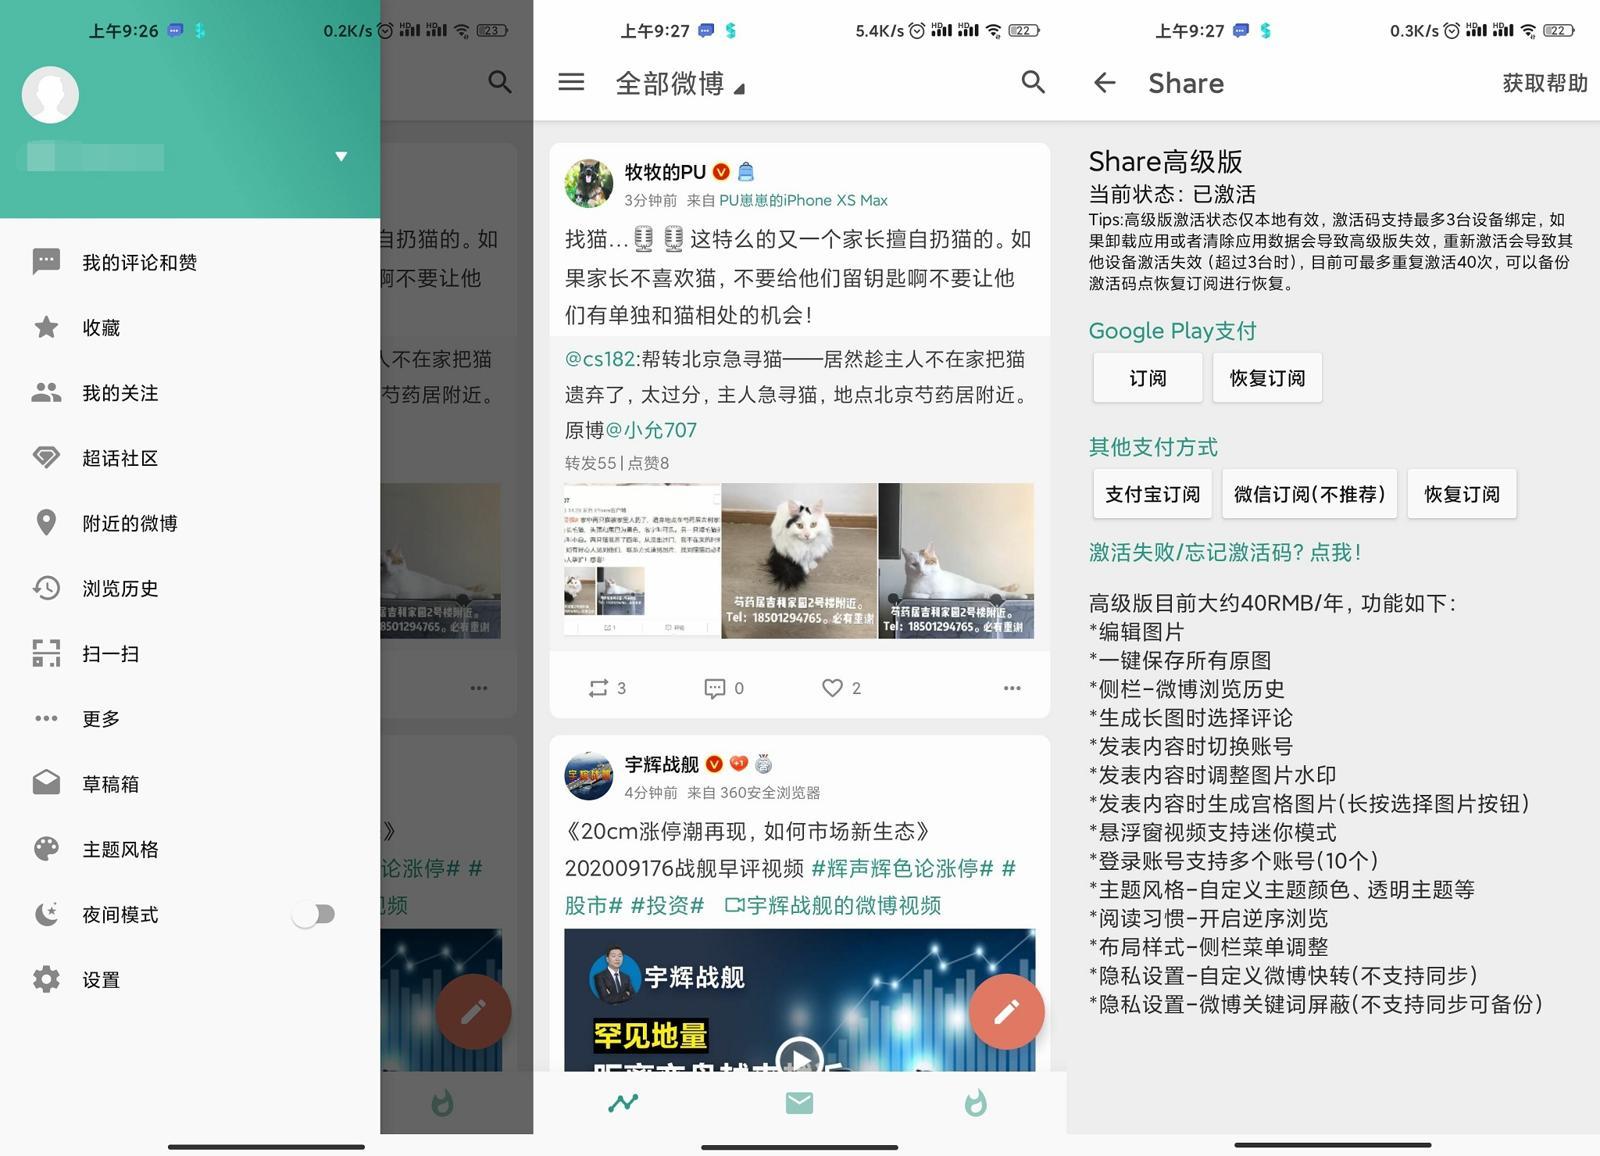 第三方微博 Share v3.8.7